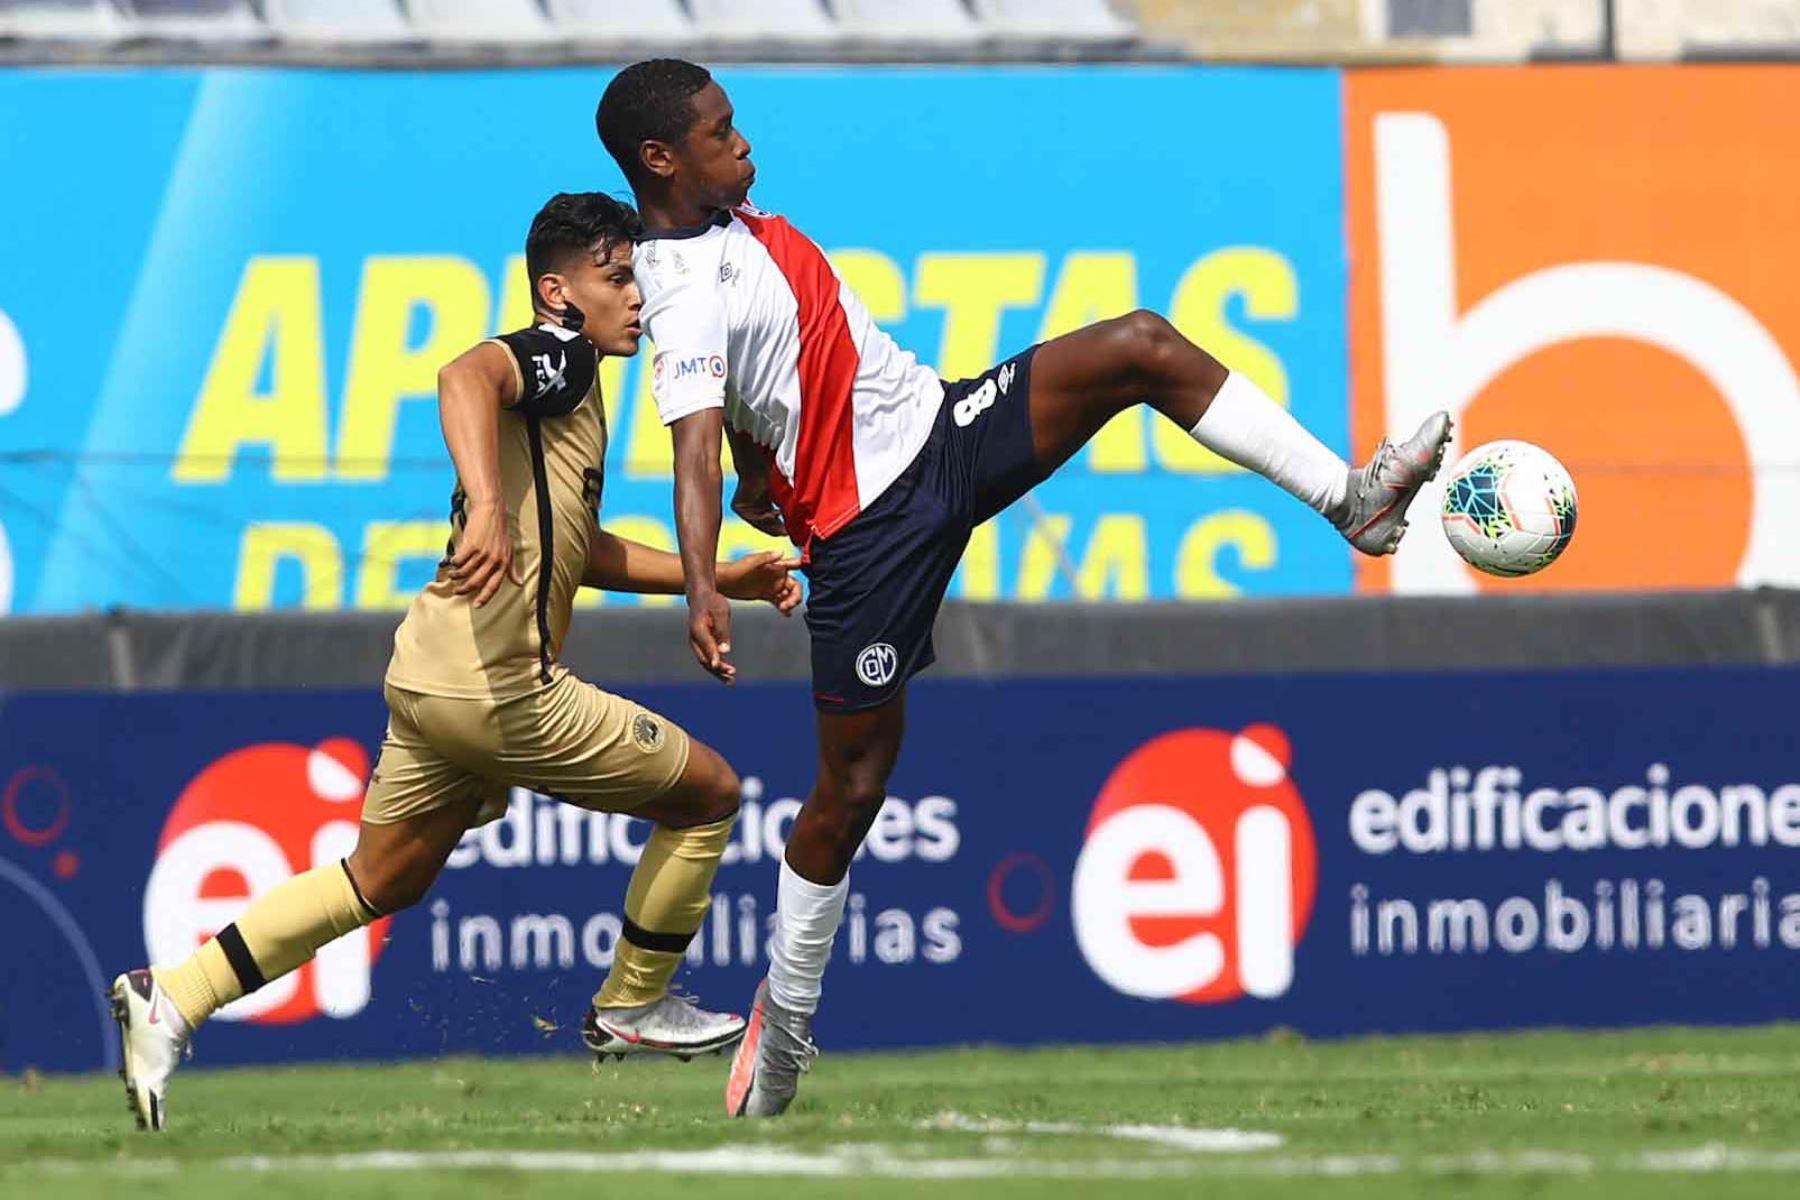 D. Municipal  se enfrenta al F.C Cusco  por la fecha 3 de la Liga 1, en el estadio Iván Elías Moreno.  Foto: Liga 1